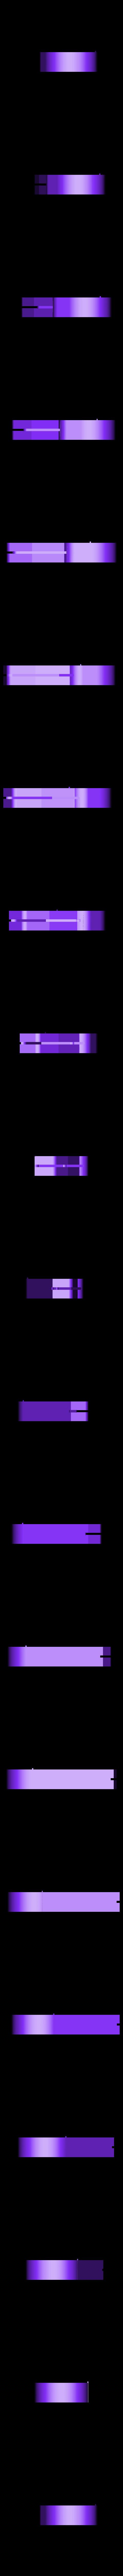 LED_BLADE_HOLDER.stl Download free STL file LED BLADE • Design to 3D print, MuSSy